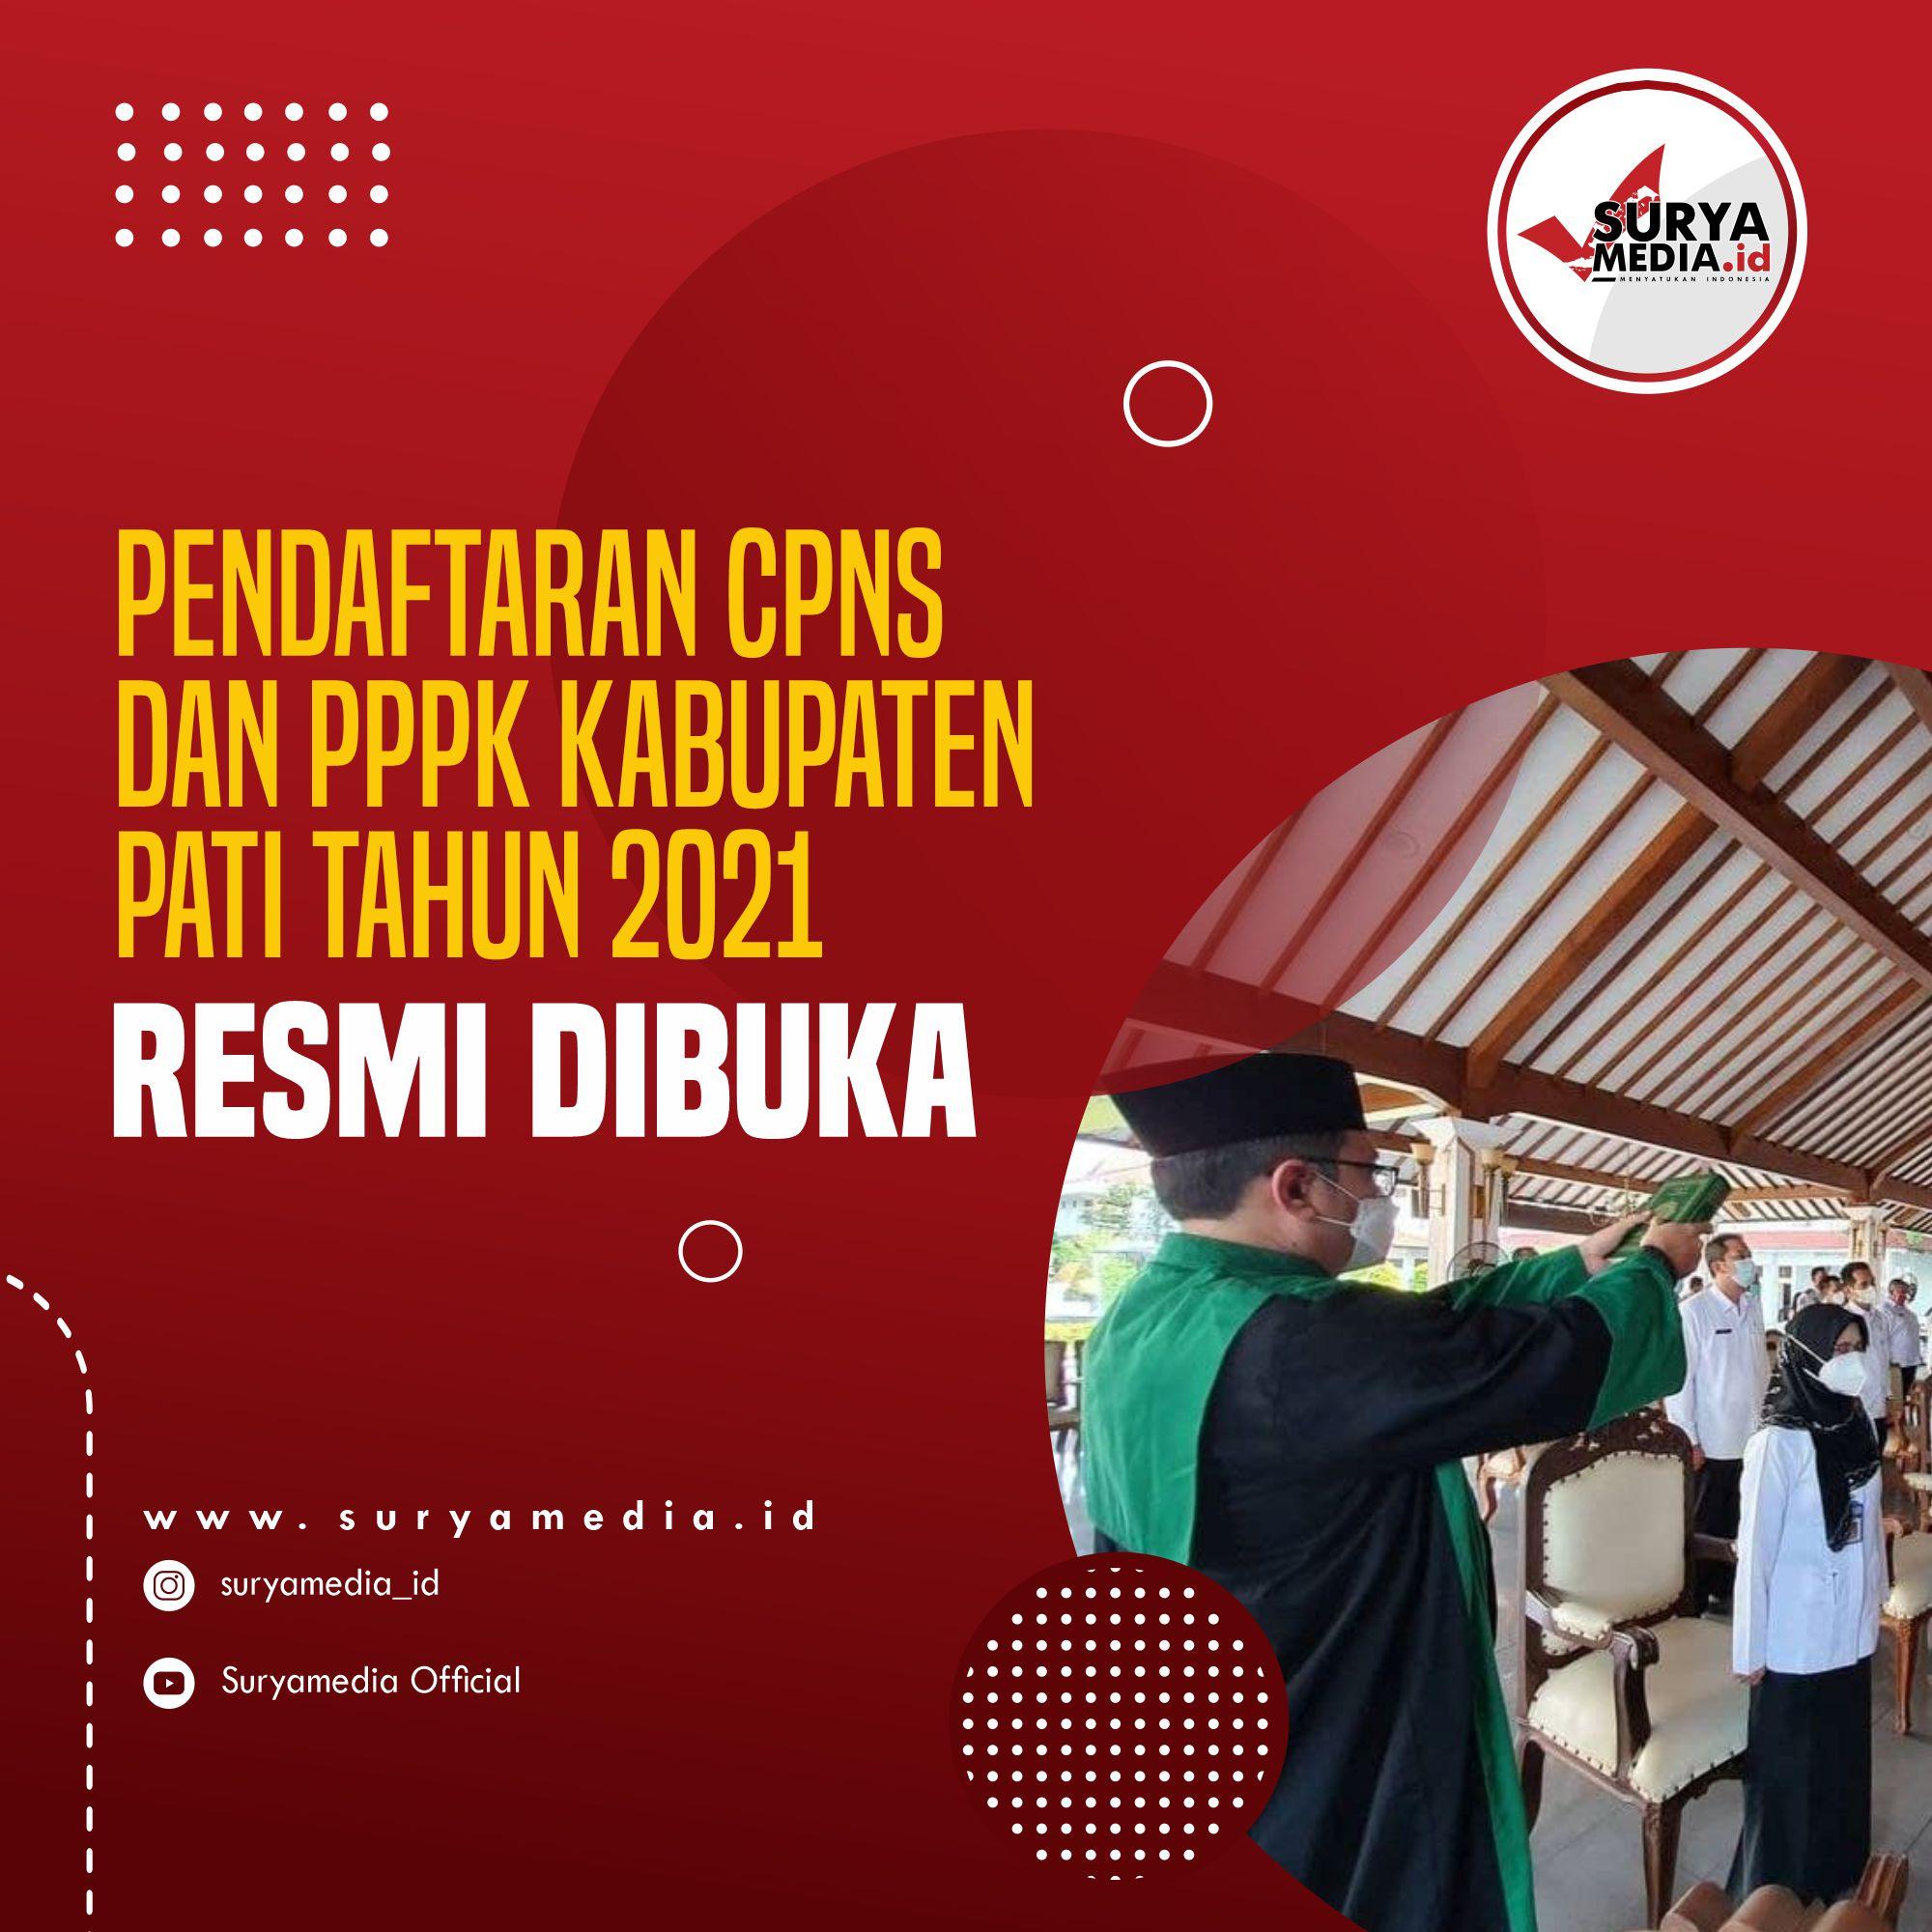 Pendaftaran CPNS dan PPPK Kabupaten Pati Tahun 2021 Resmi Dibuka A